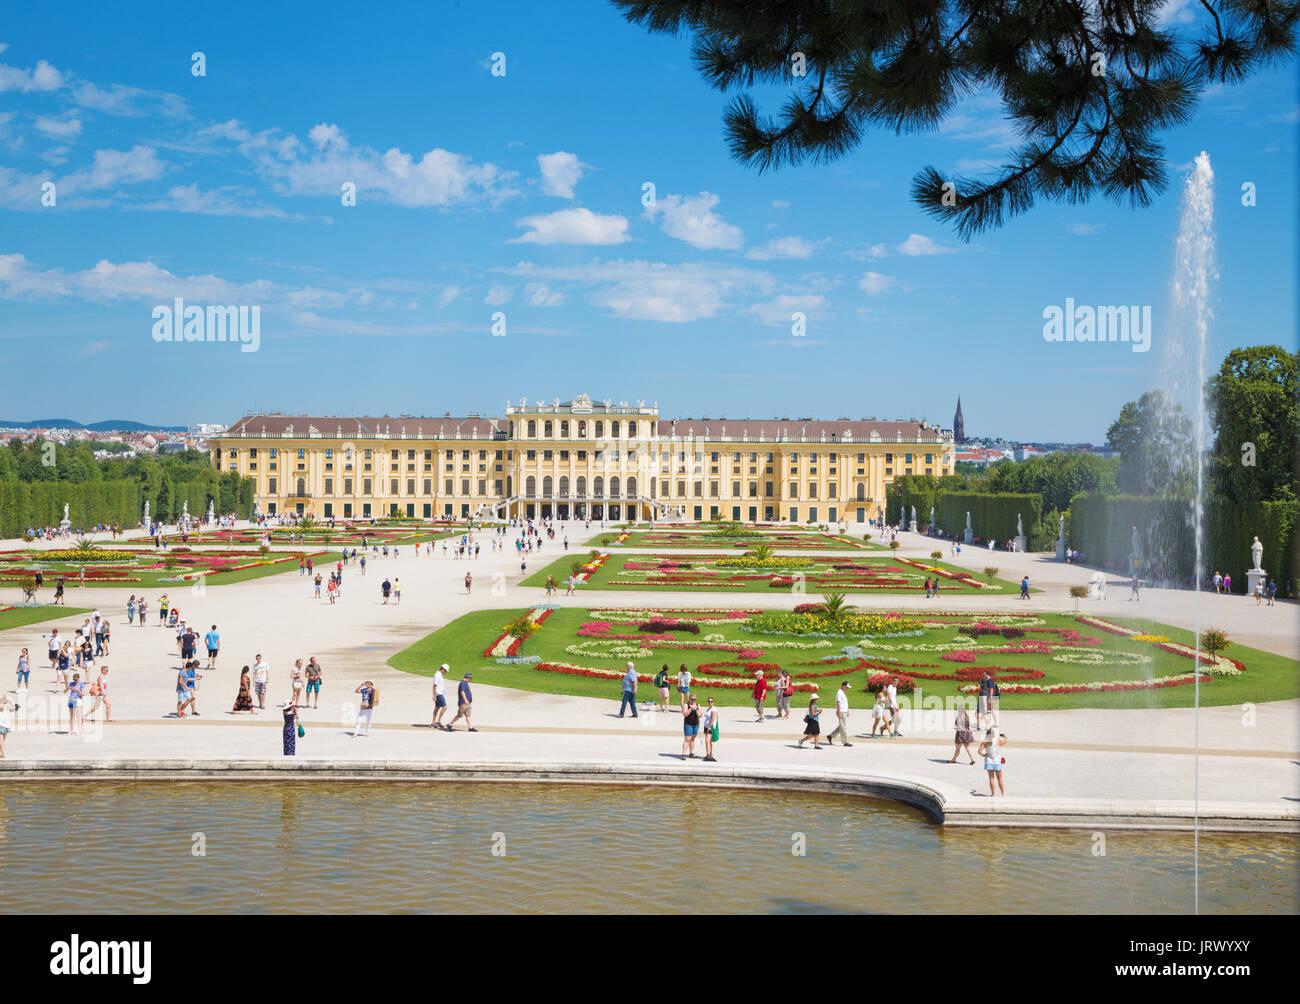 Vienne, Autriche - 30 juillet 2014: le palais Schönbrunn et ses jardins à partir de la fontaine de Neptune. Photo Stock